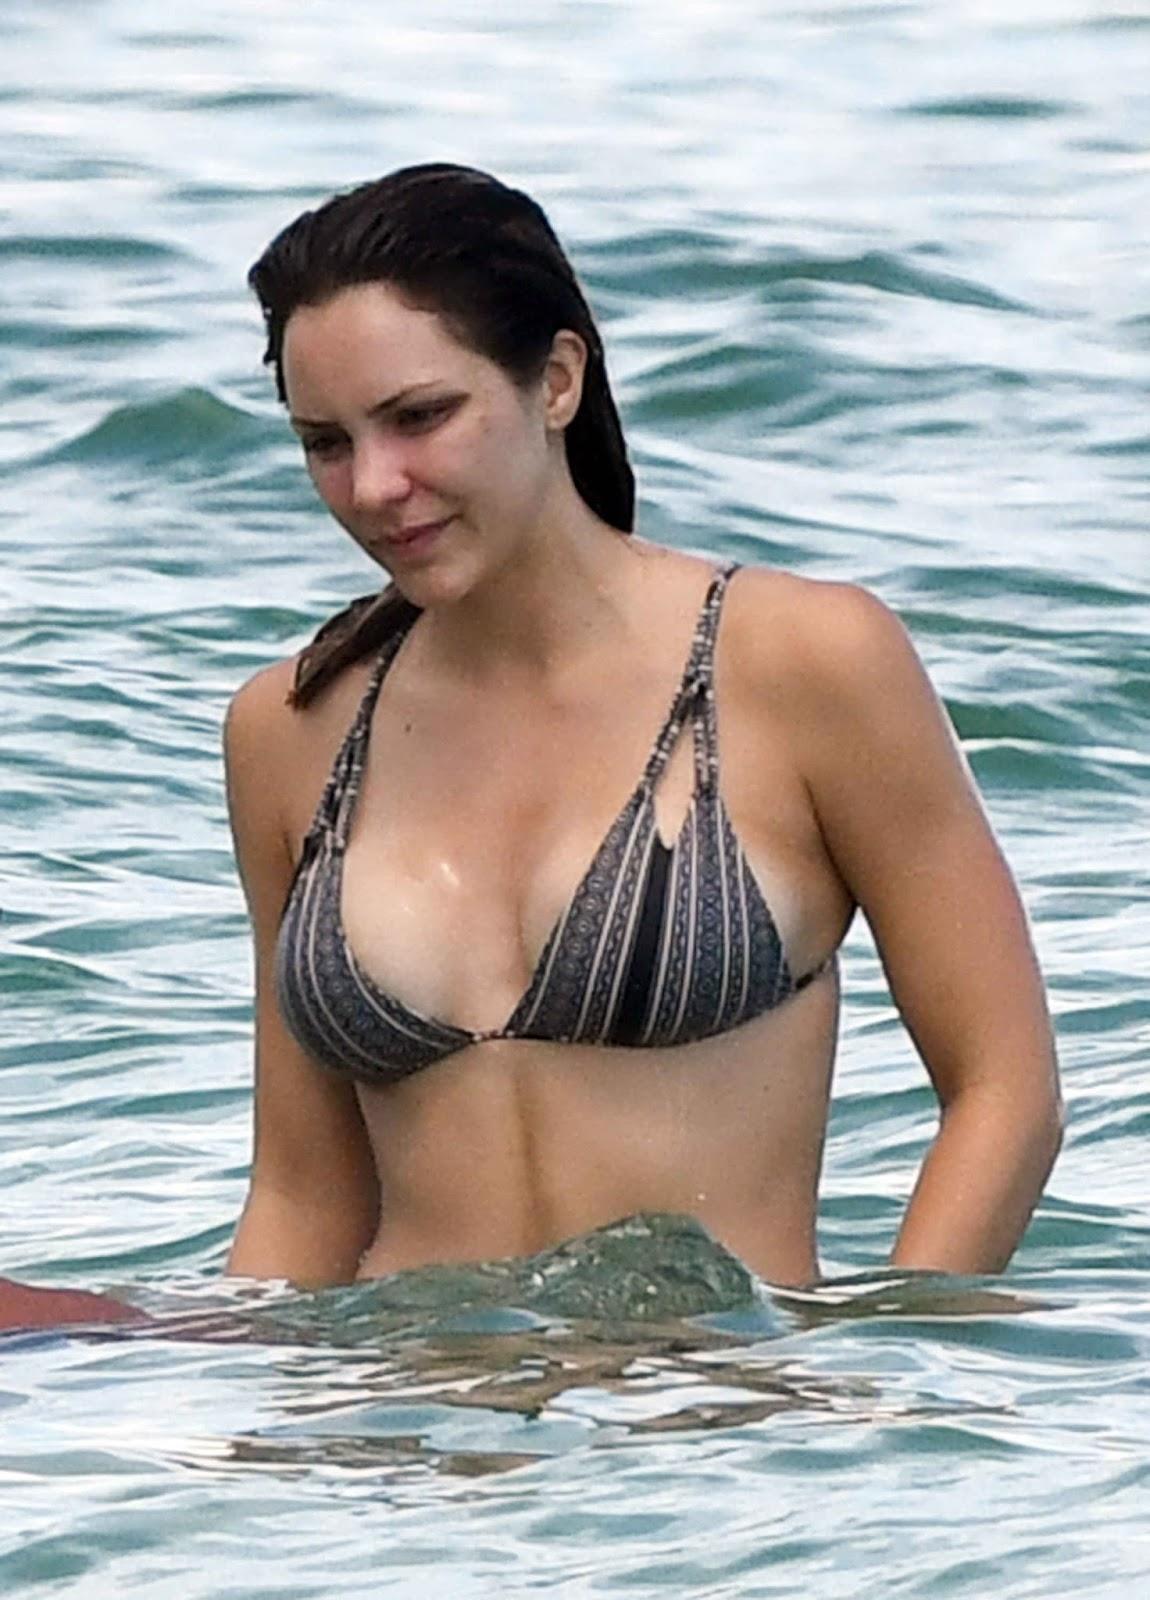 Have communicated cassandra scerbo in a bikini